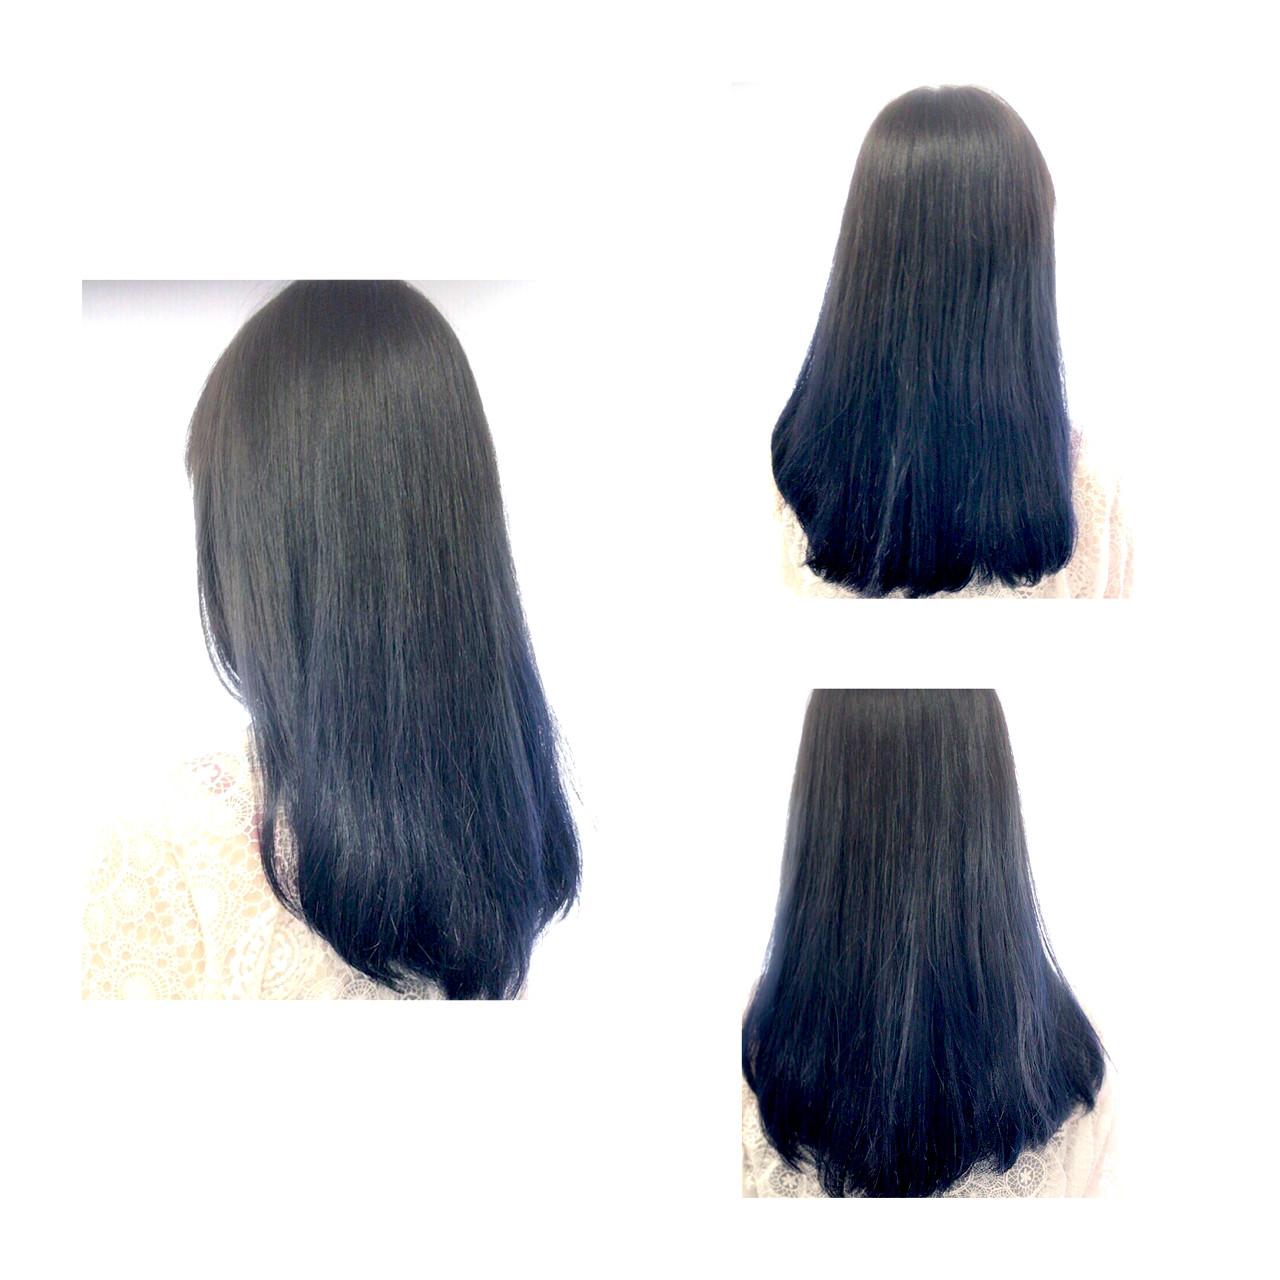 ブルージュ ストリート ダブルカラー グラデーションカラー ヘアスタイルや髪型の写真・画像   Daichi shimazu / hairsalon M 新宿